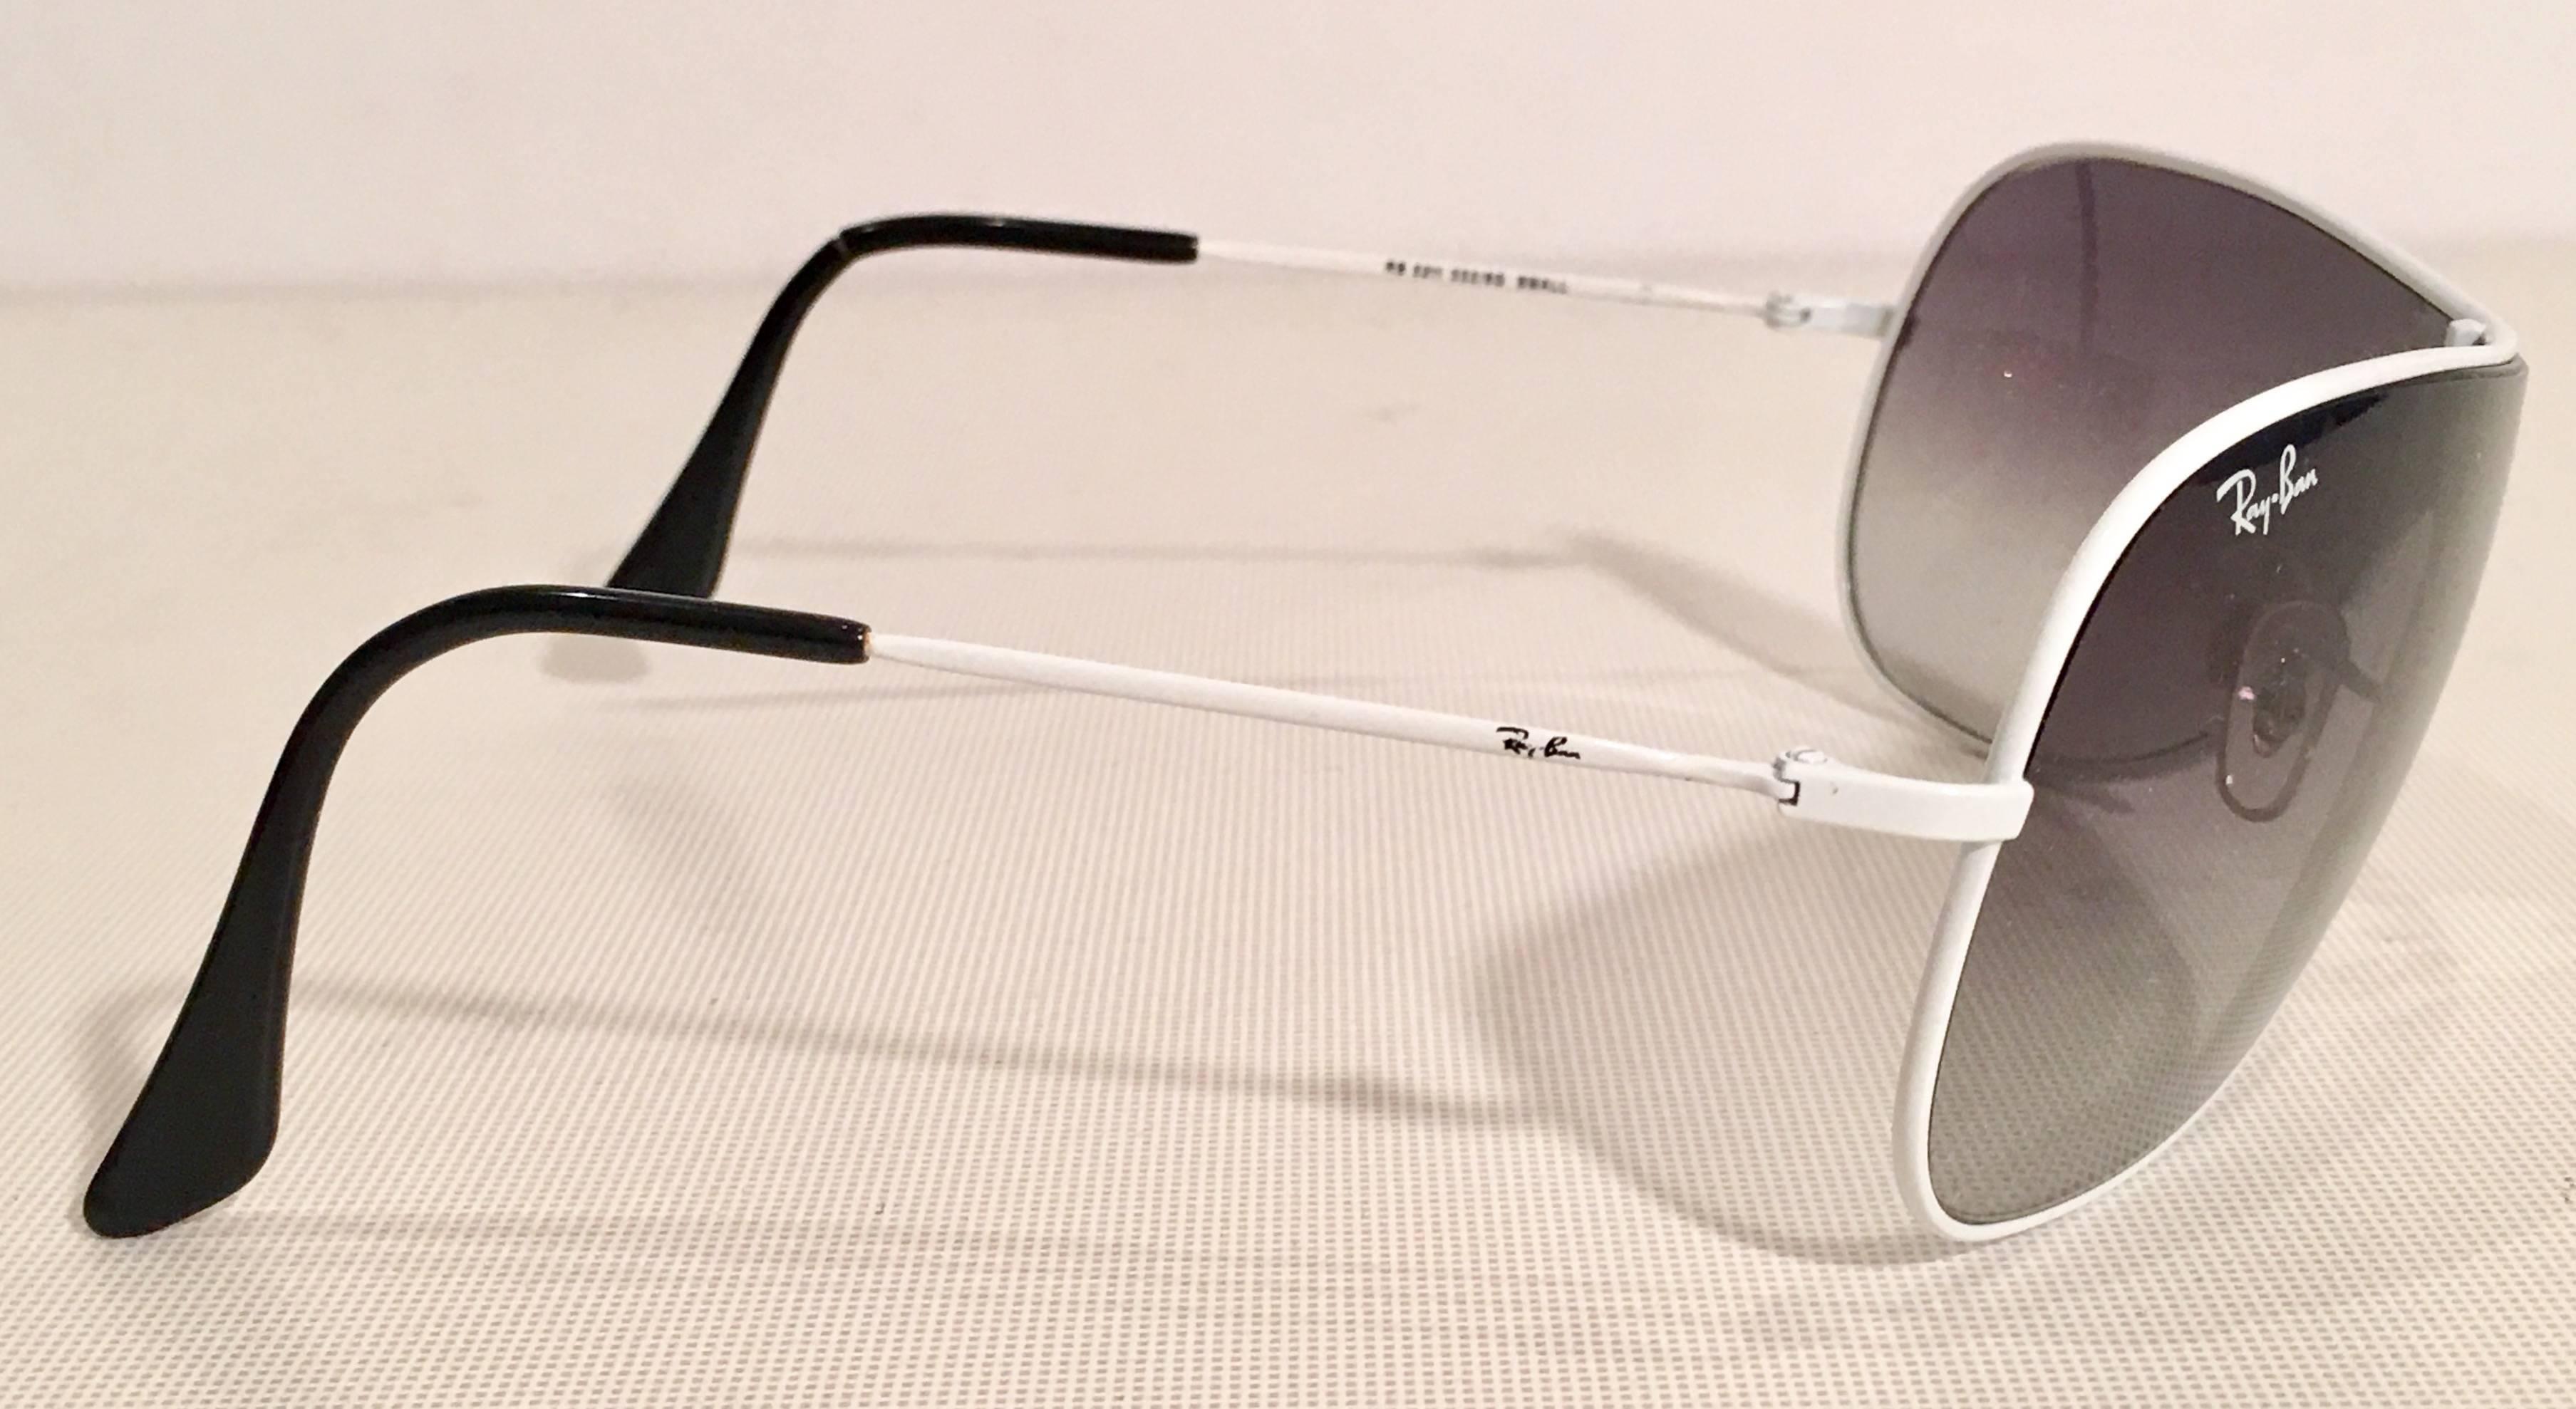 7da8f813a316 Ray Ban Sunglasses Shield Black Purple Frame « One More Soul